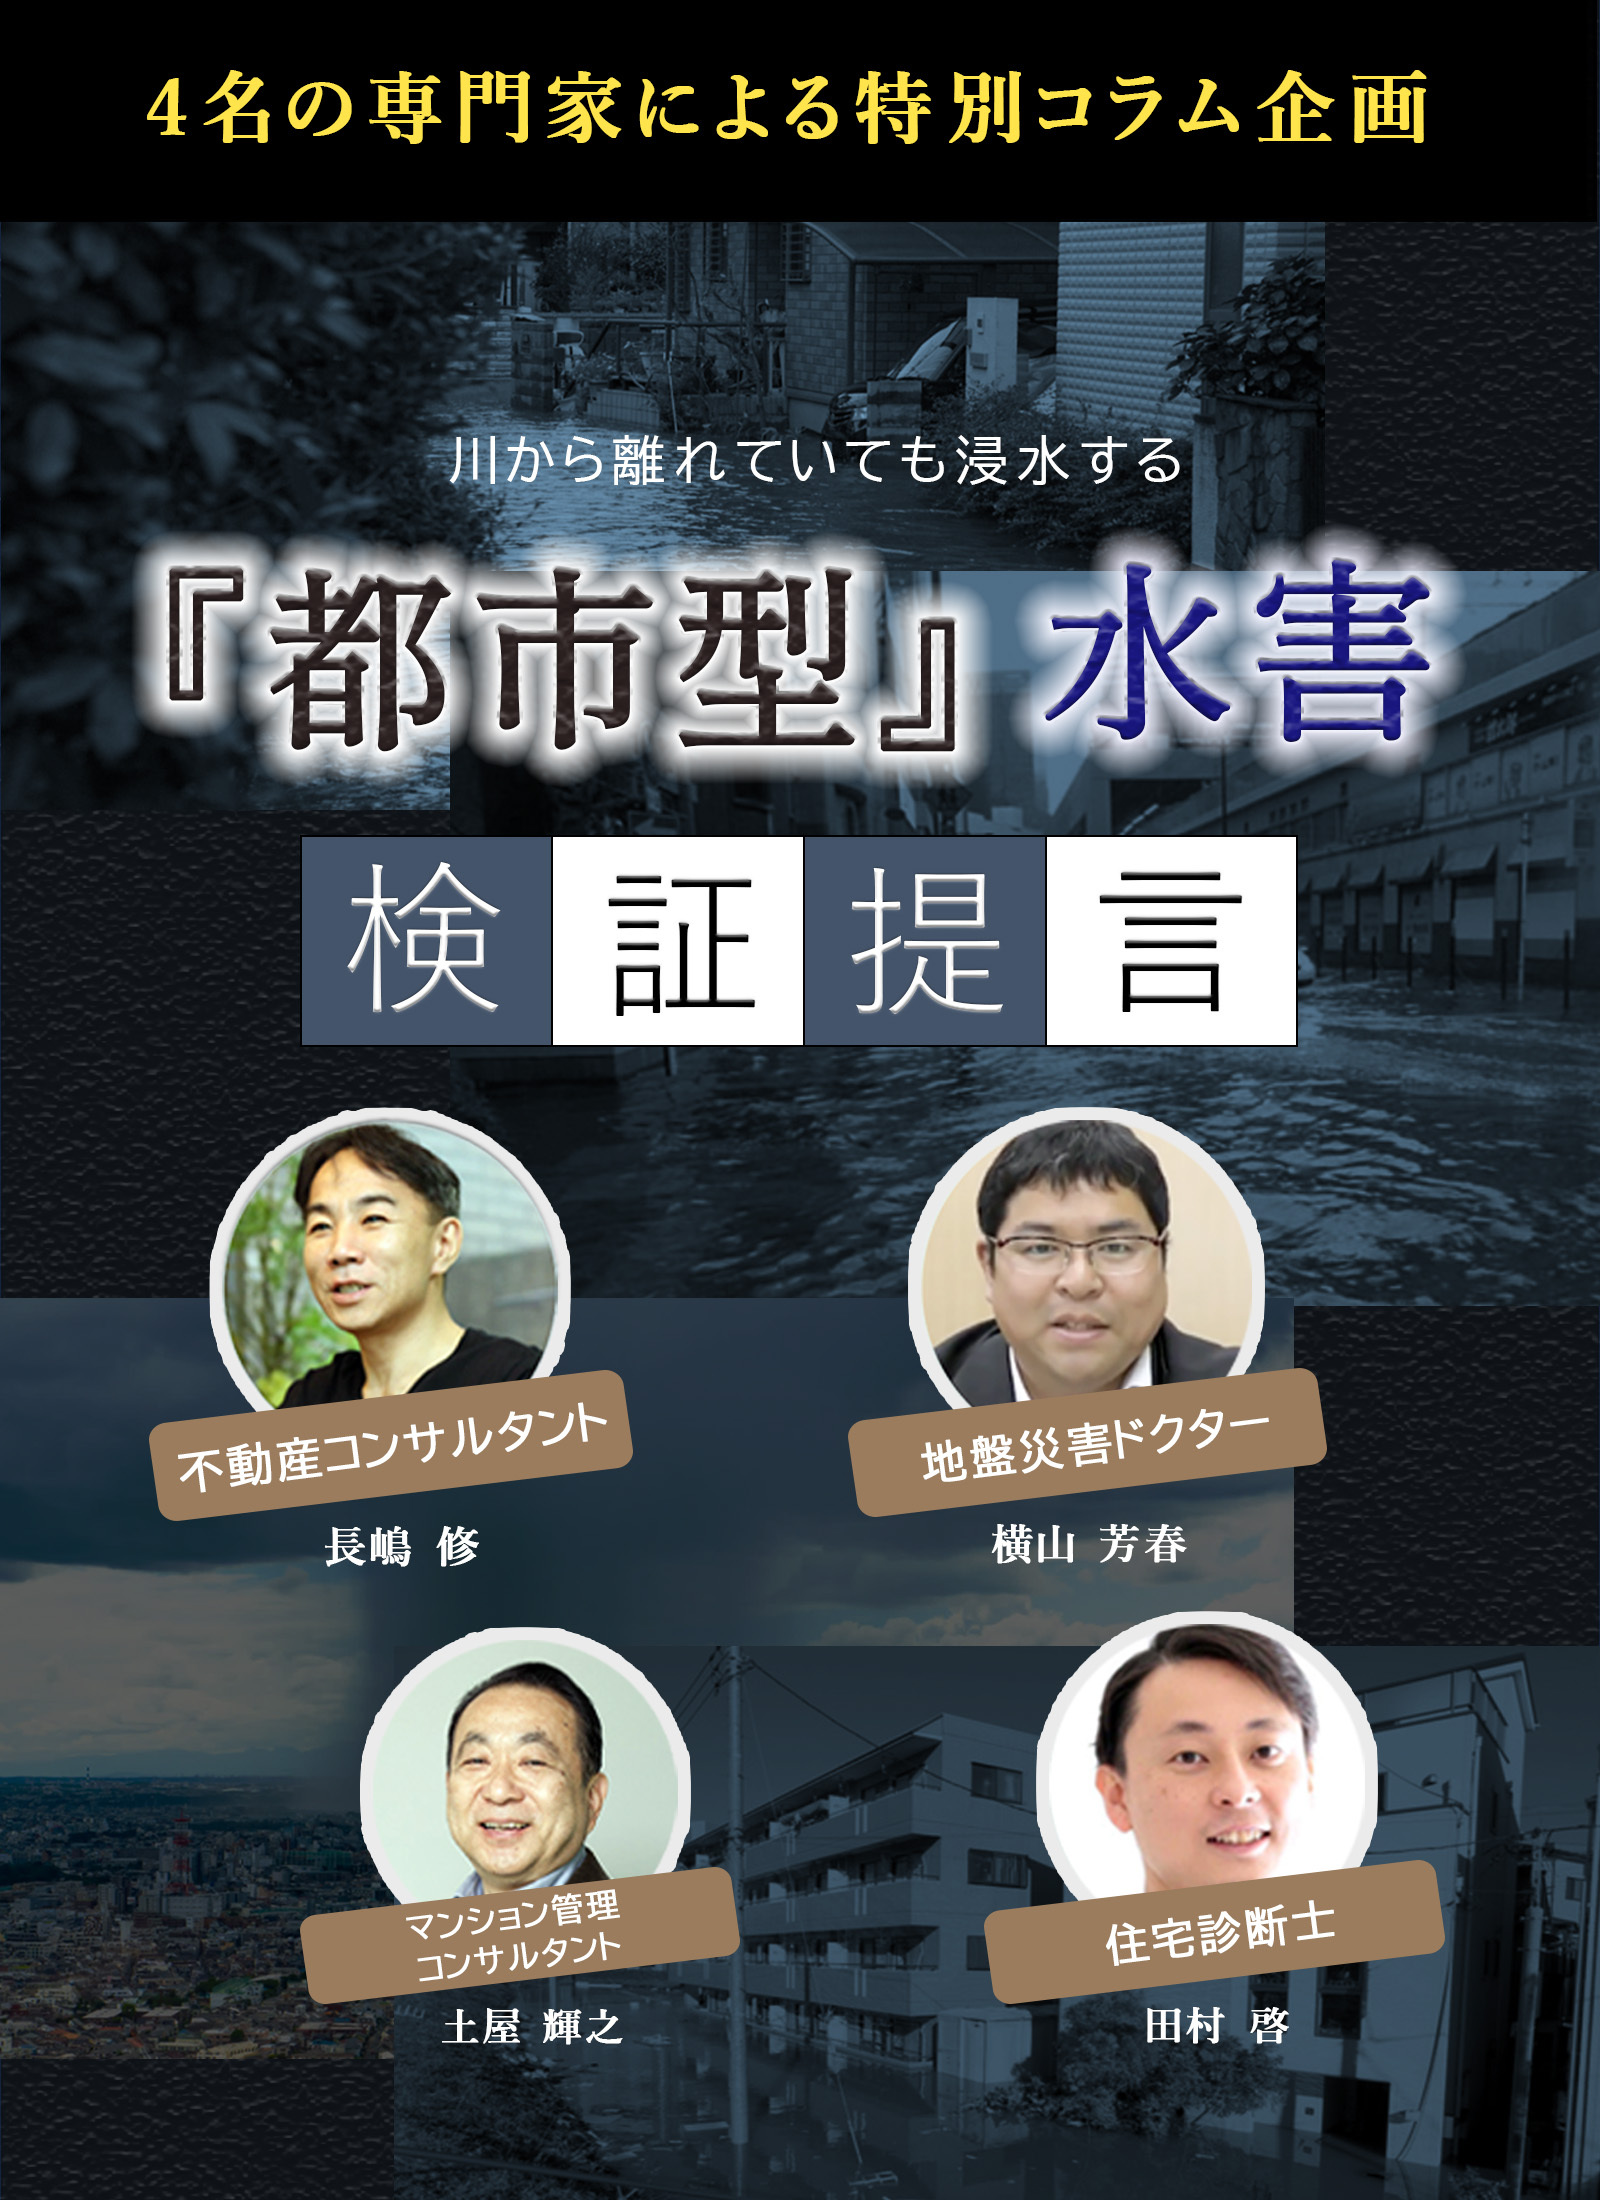 4名の専門家による特別コラム企画 【川から離れていても浸水する「都市型」水災 検証提言】